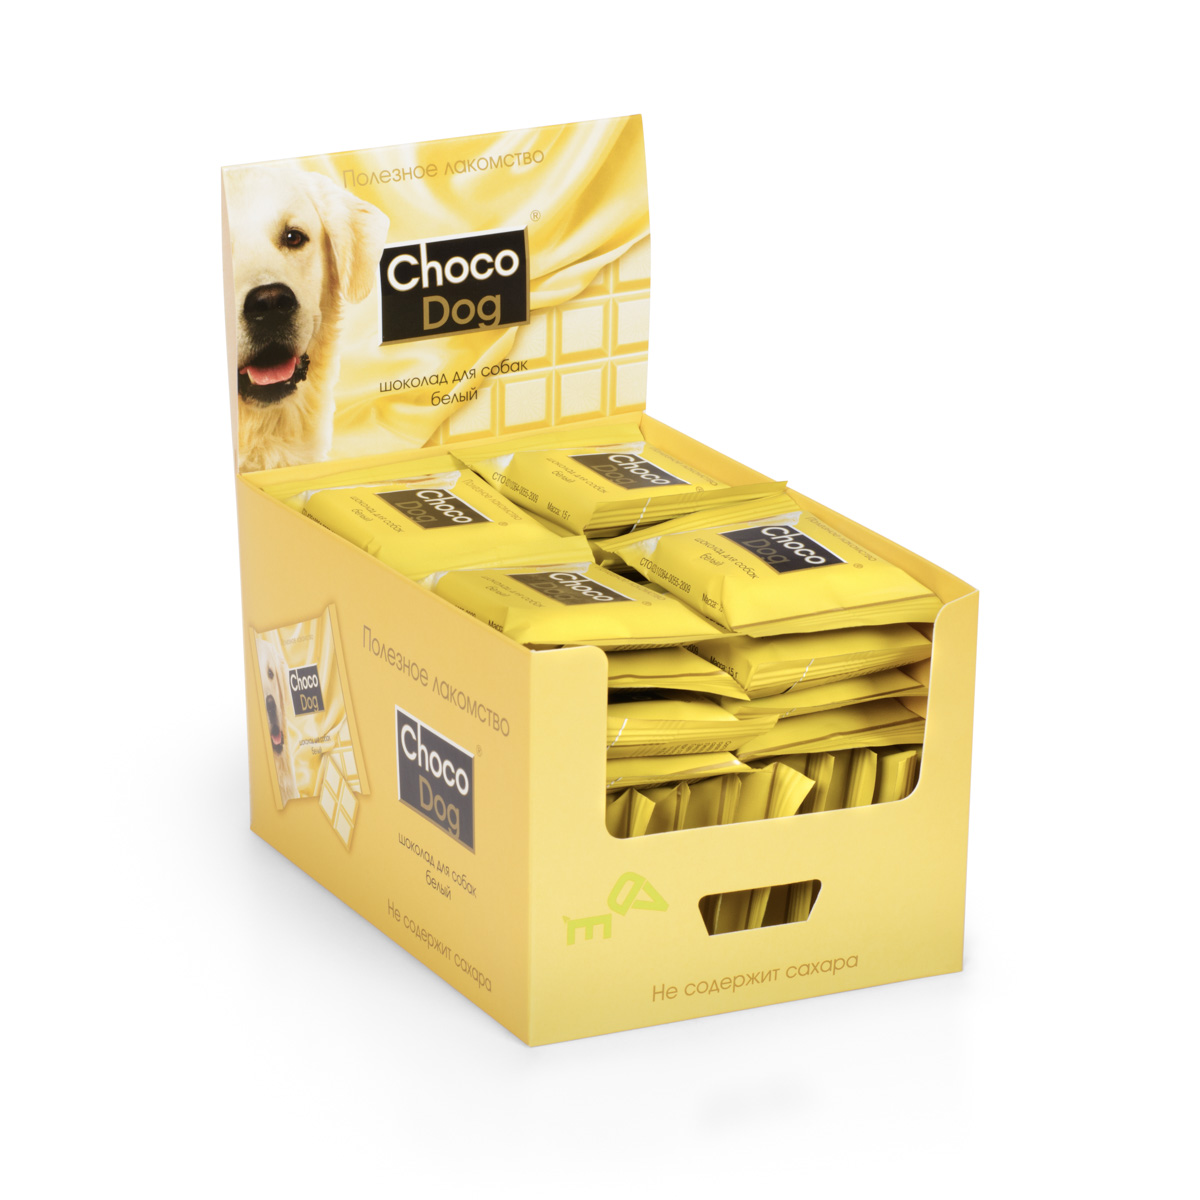 Лакомство для собак VEDA Choco Dog, белый шоколад, 40 х 15 г0120710Лакомство для собак VEDA Choco Dog со вкусом шоколада используется в качестве угощения, с целью поощрения, при дрессуре животных. При производстве учтены физиологические особенности собак, поэтому состав всех лакомств не содержит сахара и какао. Их заменители растительного происхождения обогащают лакомство полезными свойствами: - вместо сахара в шоколаде используется экстракт сладкой травы стевии, который безопасен для животных; - вкус шоколада придает кэроб (порошок плодов рожкового дерева), замещая вредное для собак какао. Состав белого шоколада разработан с учетом животных, склонных к аллергическим реакциям. Риск пищевой аллергии сведен к минимуму.Сладкое лакомство для собак без вреда для здоровья. Товар сертифицирован.